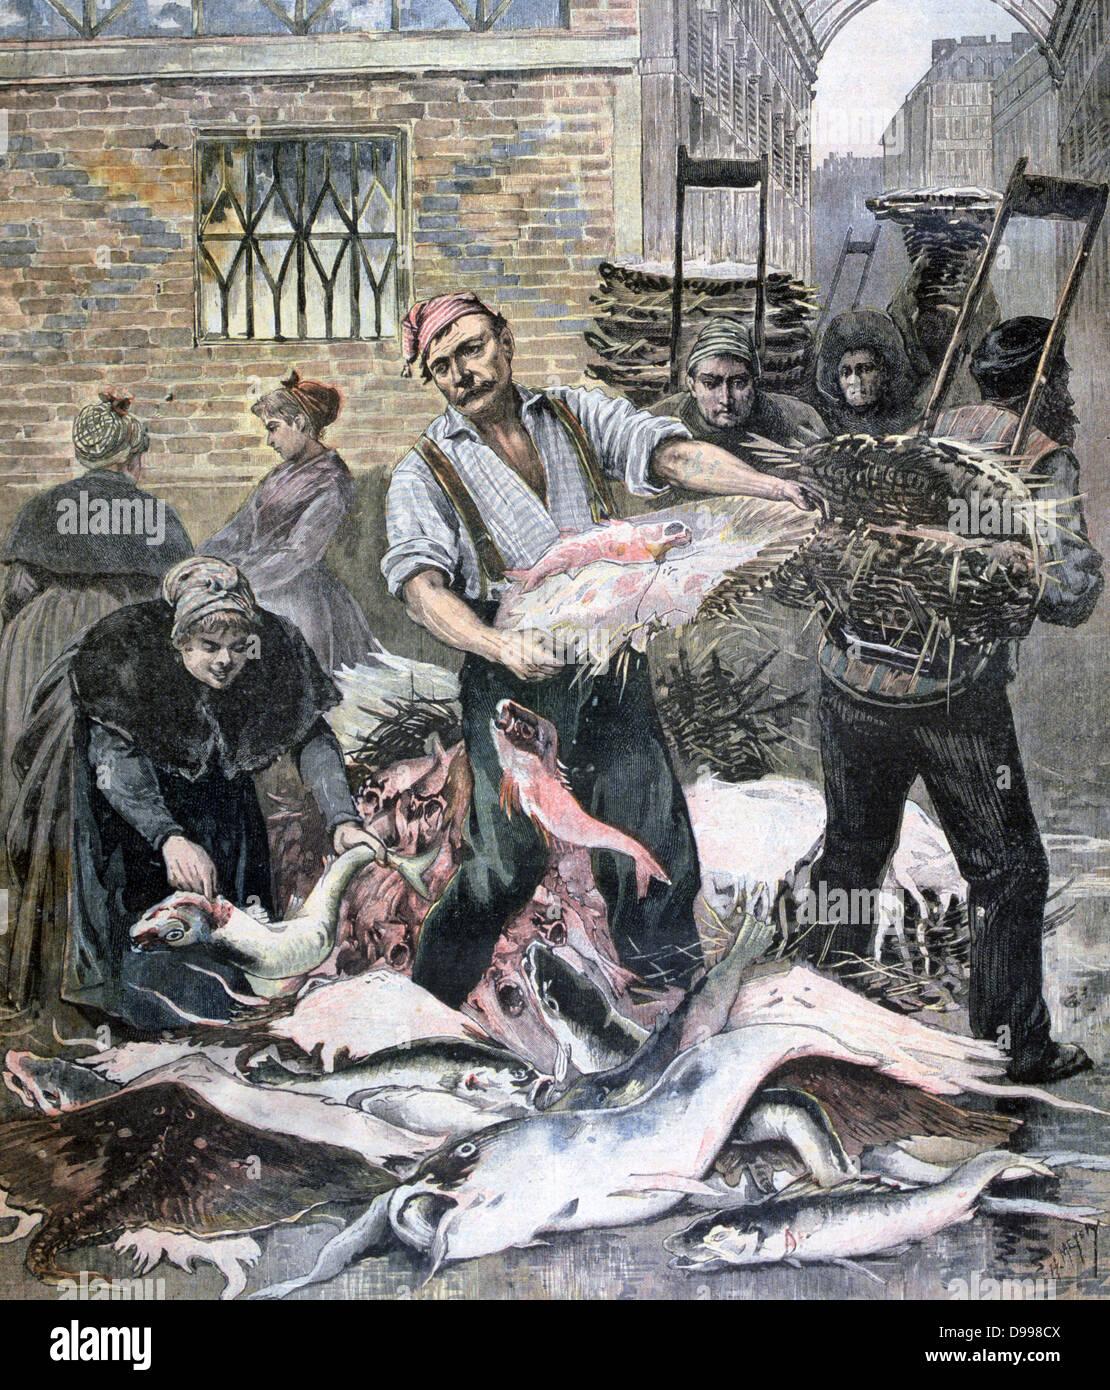 Paris fish market on the eve of La Careme (Lent ). From 'Le Petit Journal', Paris, 4 March 1893. Commerce, - Stock Image